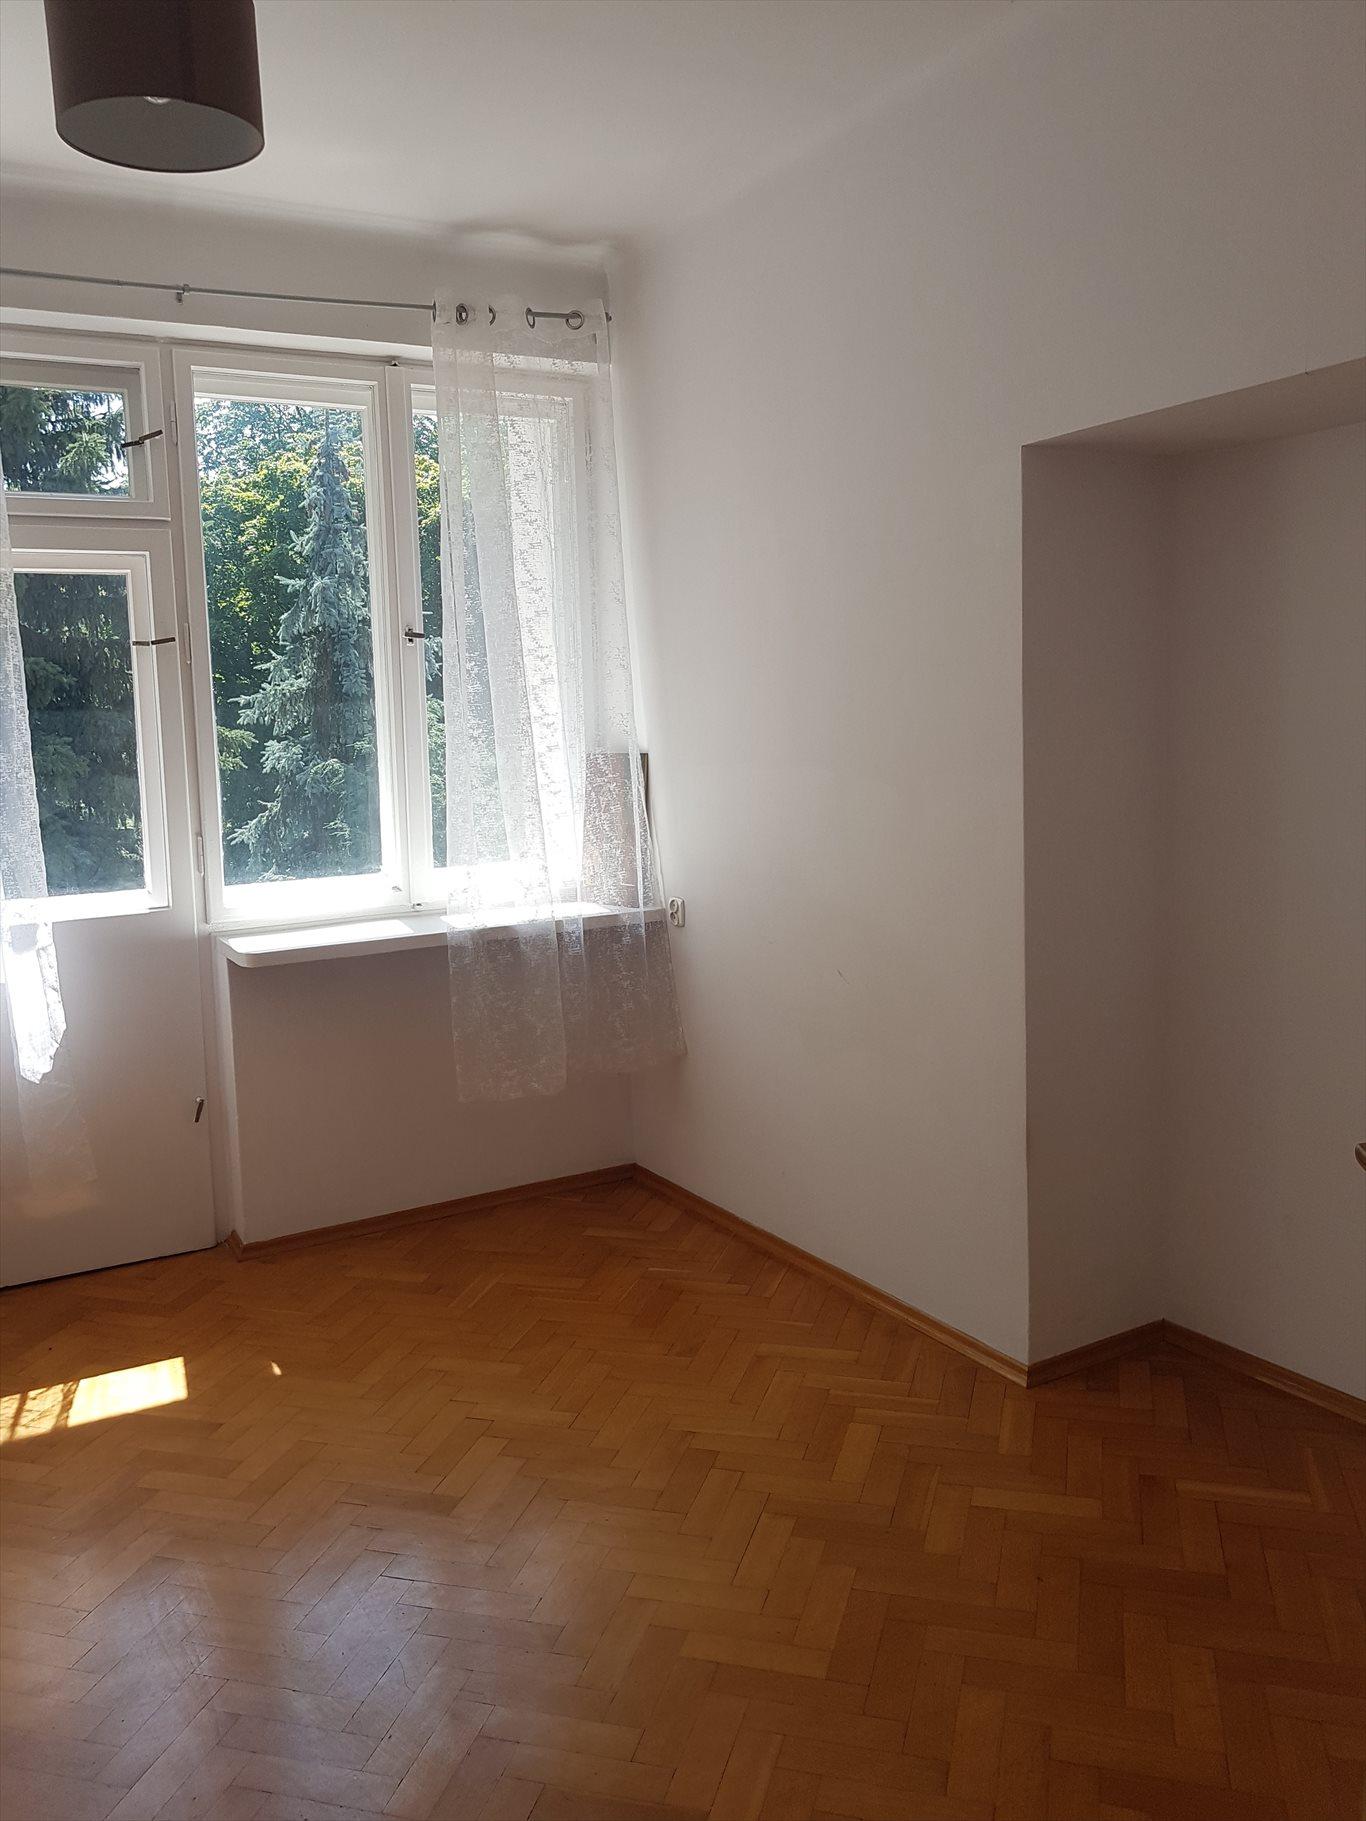 Dom na wynajem Warszawa, Praga-Południe, Saska Kępa, Walecznych  280m2 Foto 11